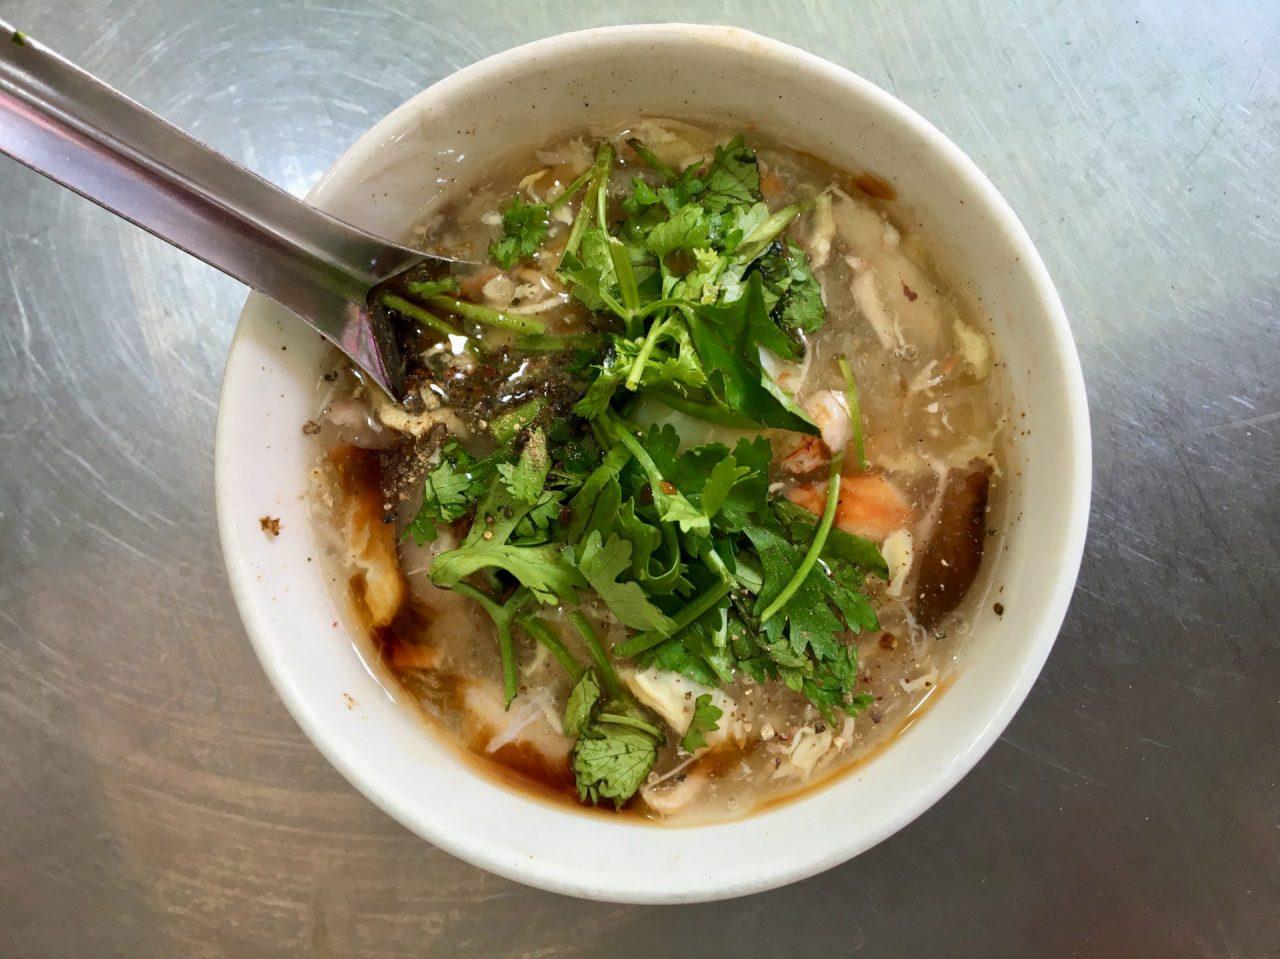 Súp Cua - Crab and Chicken Meat Soup - Delicious Vietnam